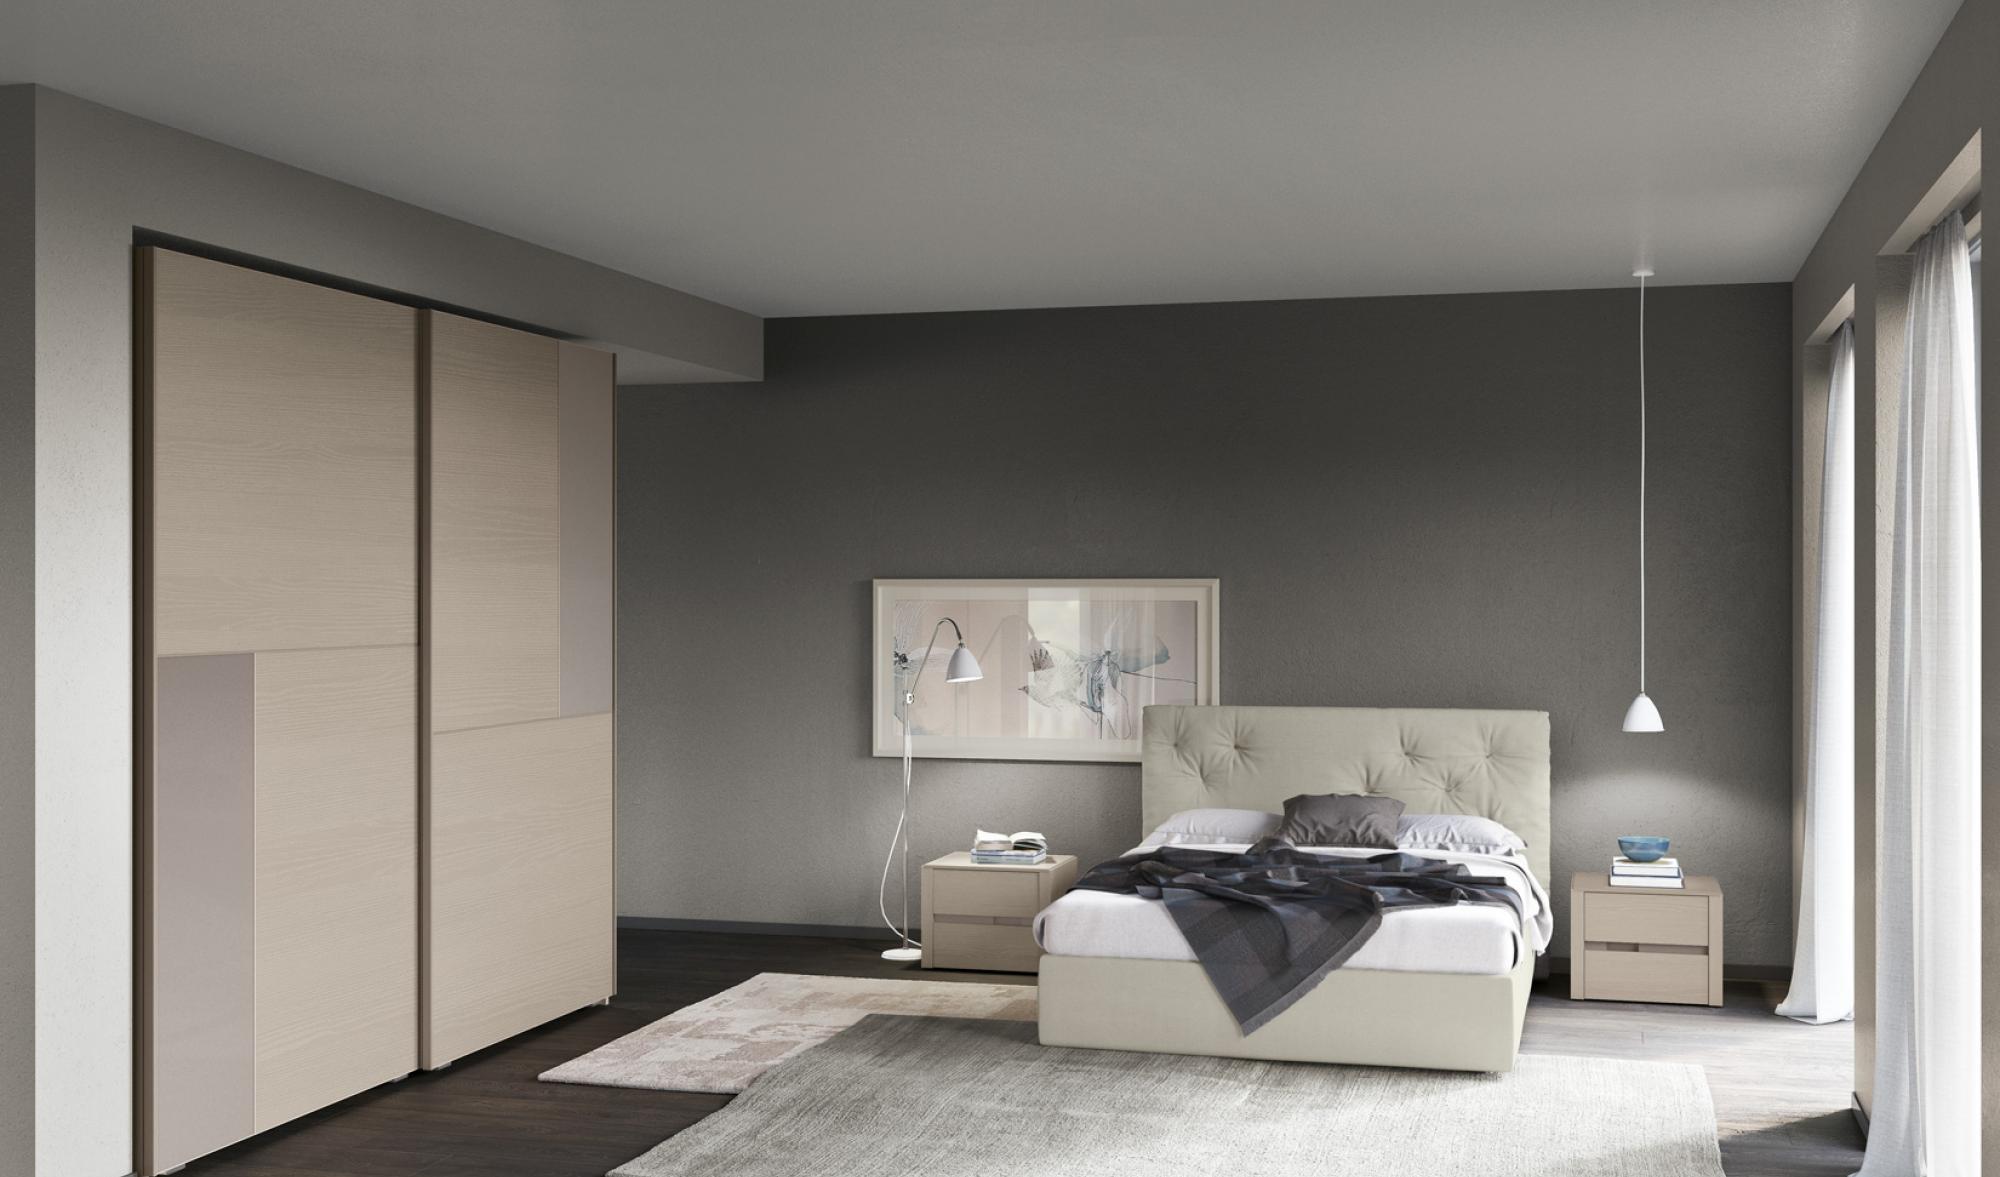 Camere da letto colombini vitalyty arredo spazio casa - Ricci casa camere da letto ...